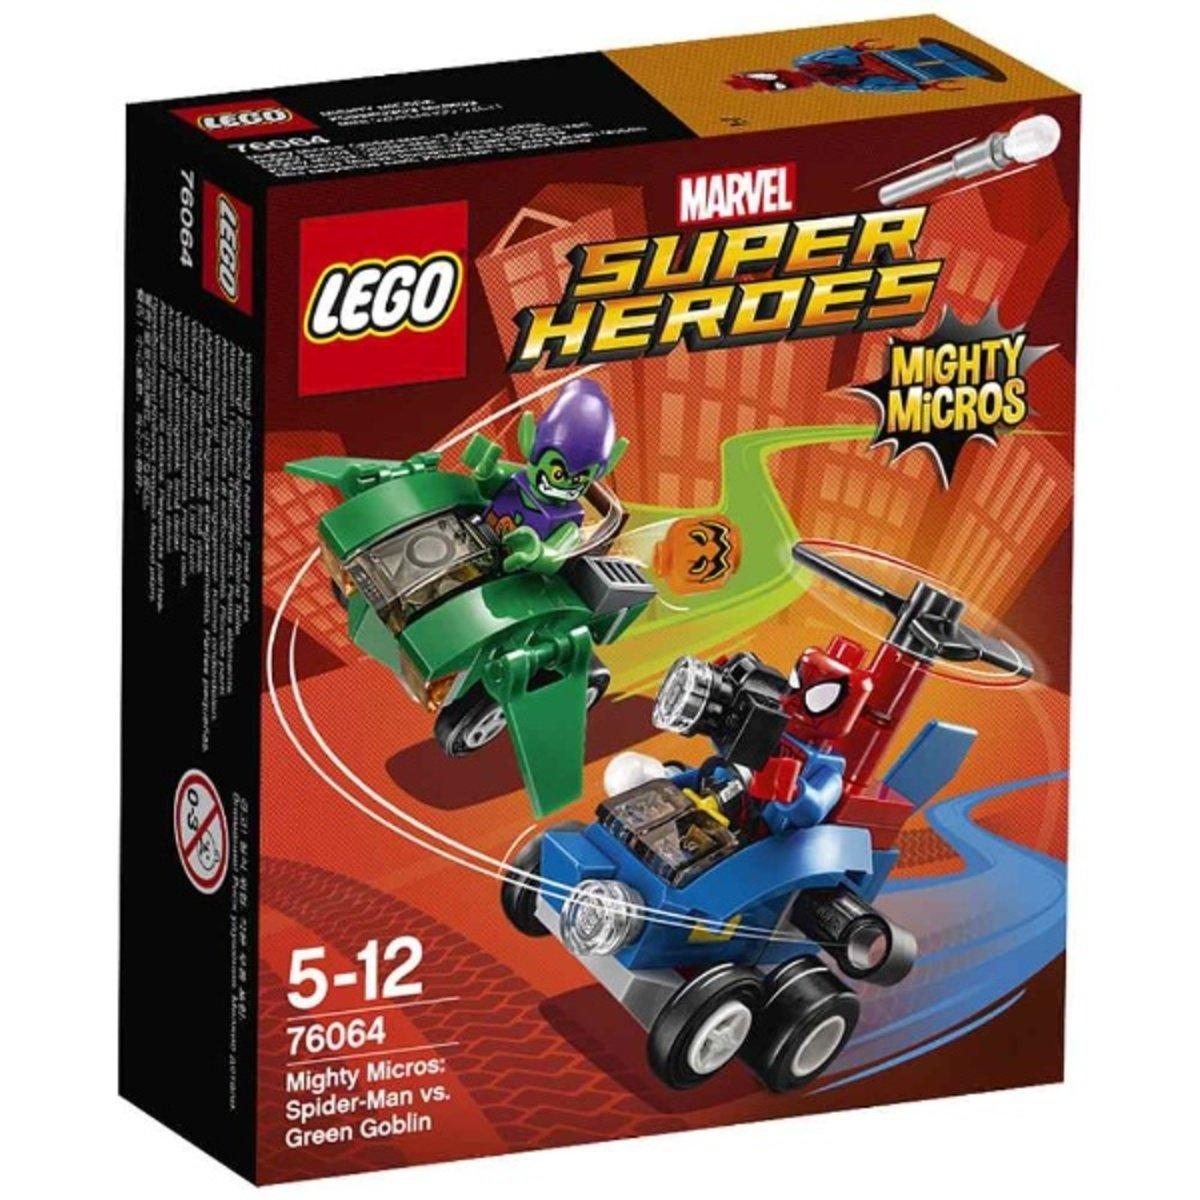 76064 威力車戰:蜘蛛俠對戰綠惡魔 5702015597777